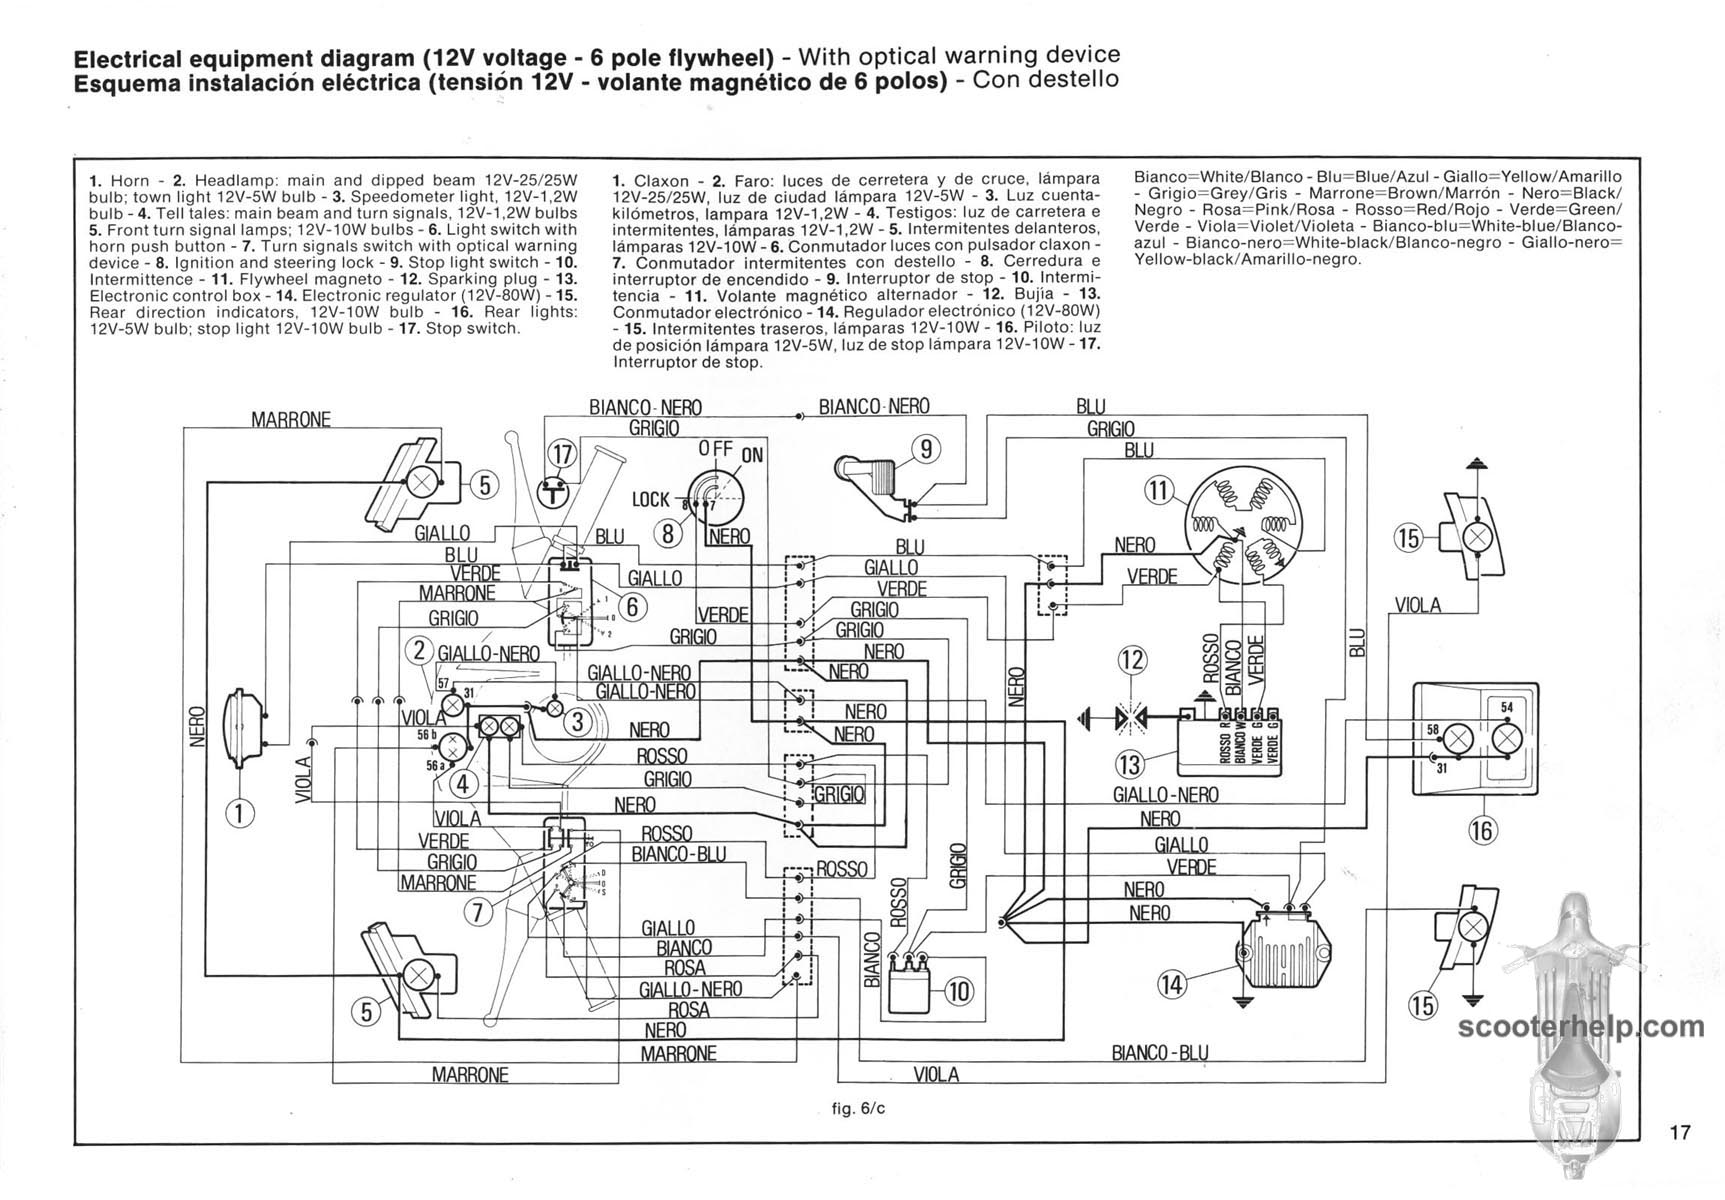 Schema elettrico vespa 50 lx 2t